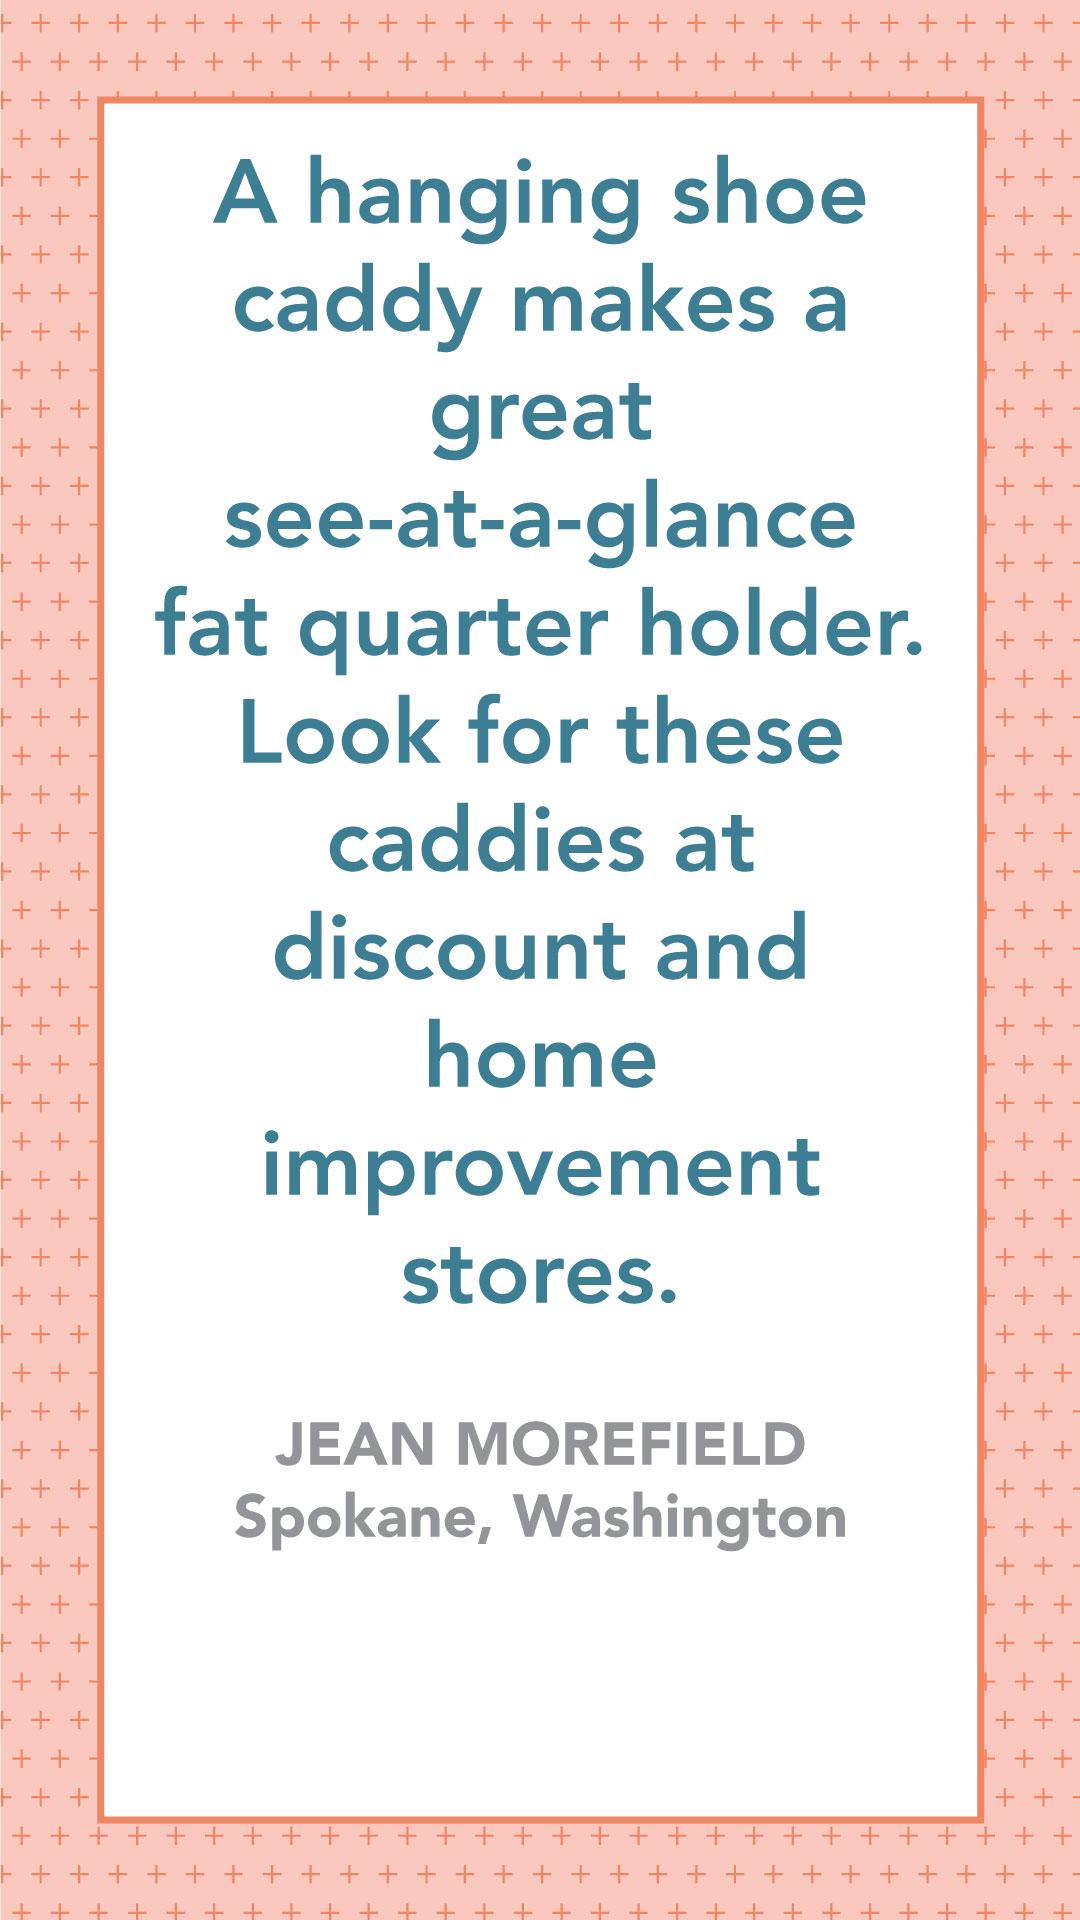 Shoe Storage for Fat Quarters